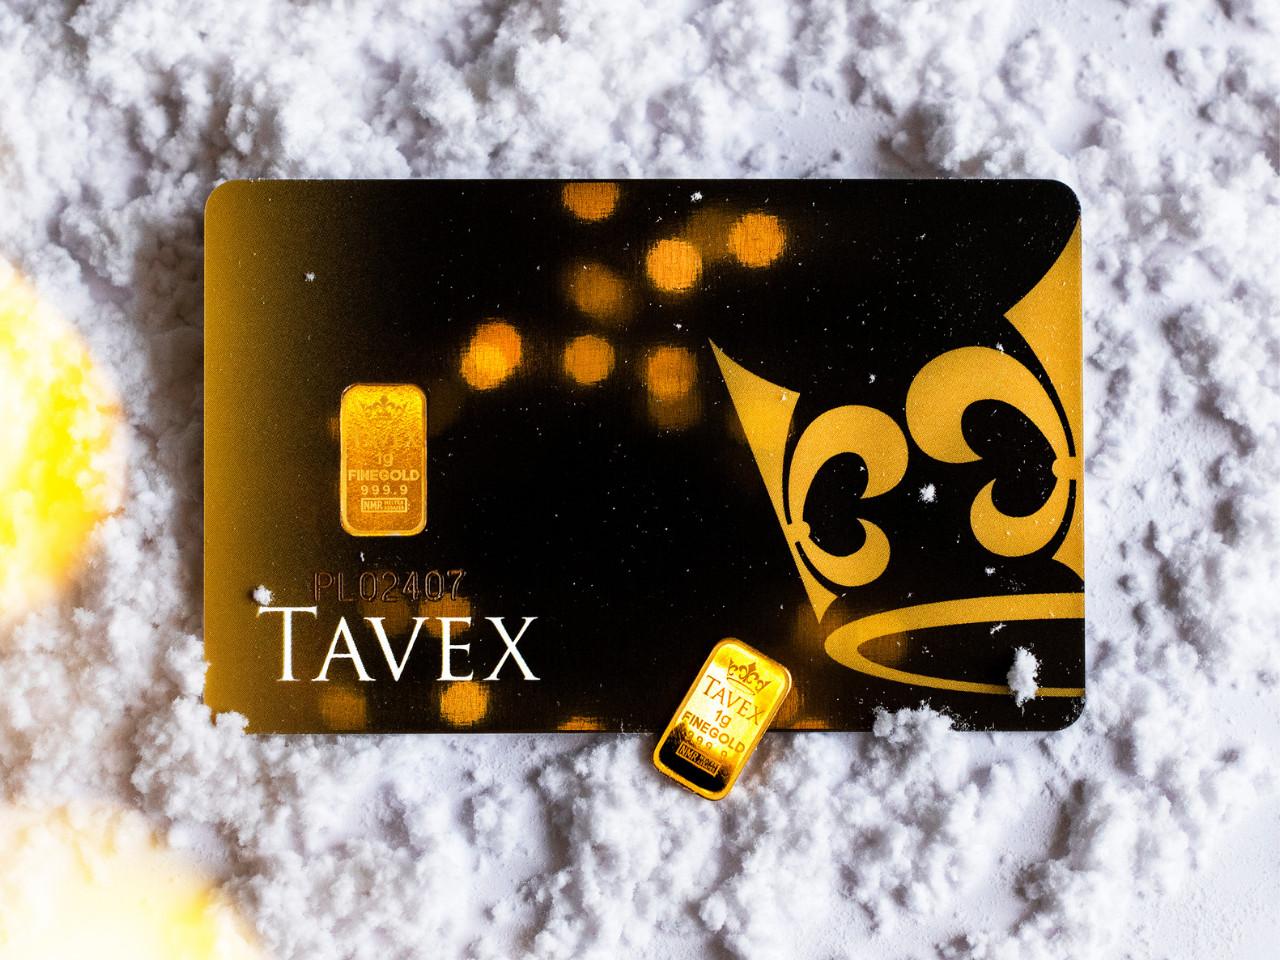 Sztabka złota Tavex 1 g – złoto na prezent na święta